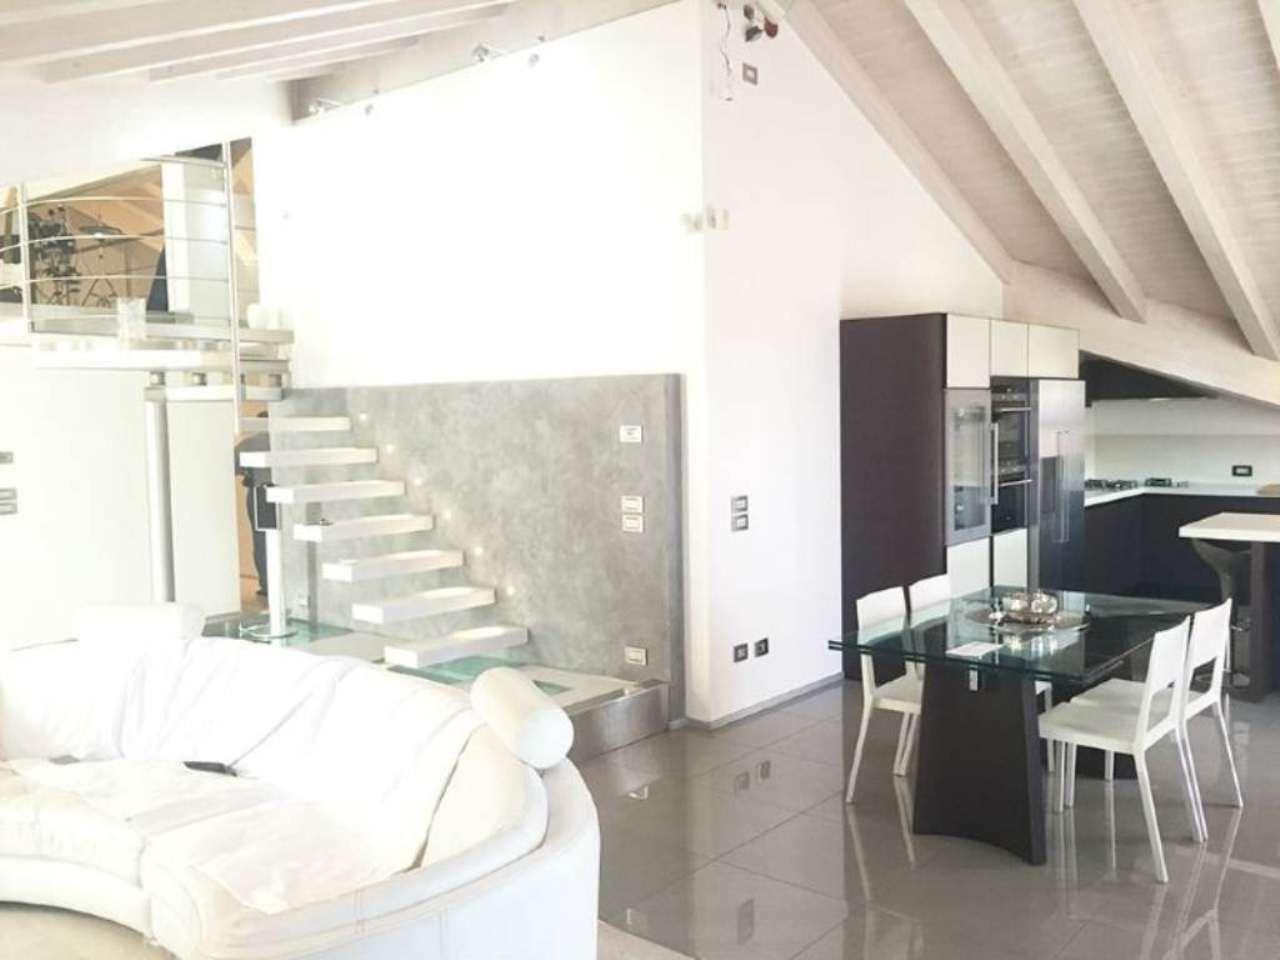 Attico / Mansarda in vendita a Noventa Padovana, 7 locali, prezzo € 420.000 | Cambio Casa.it